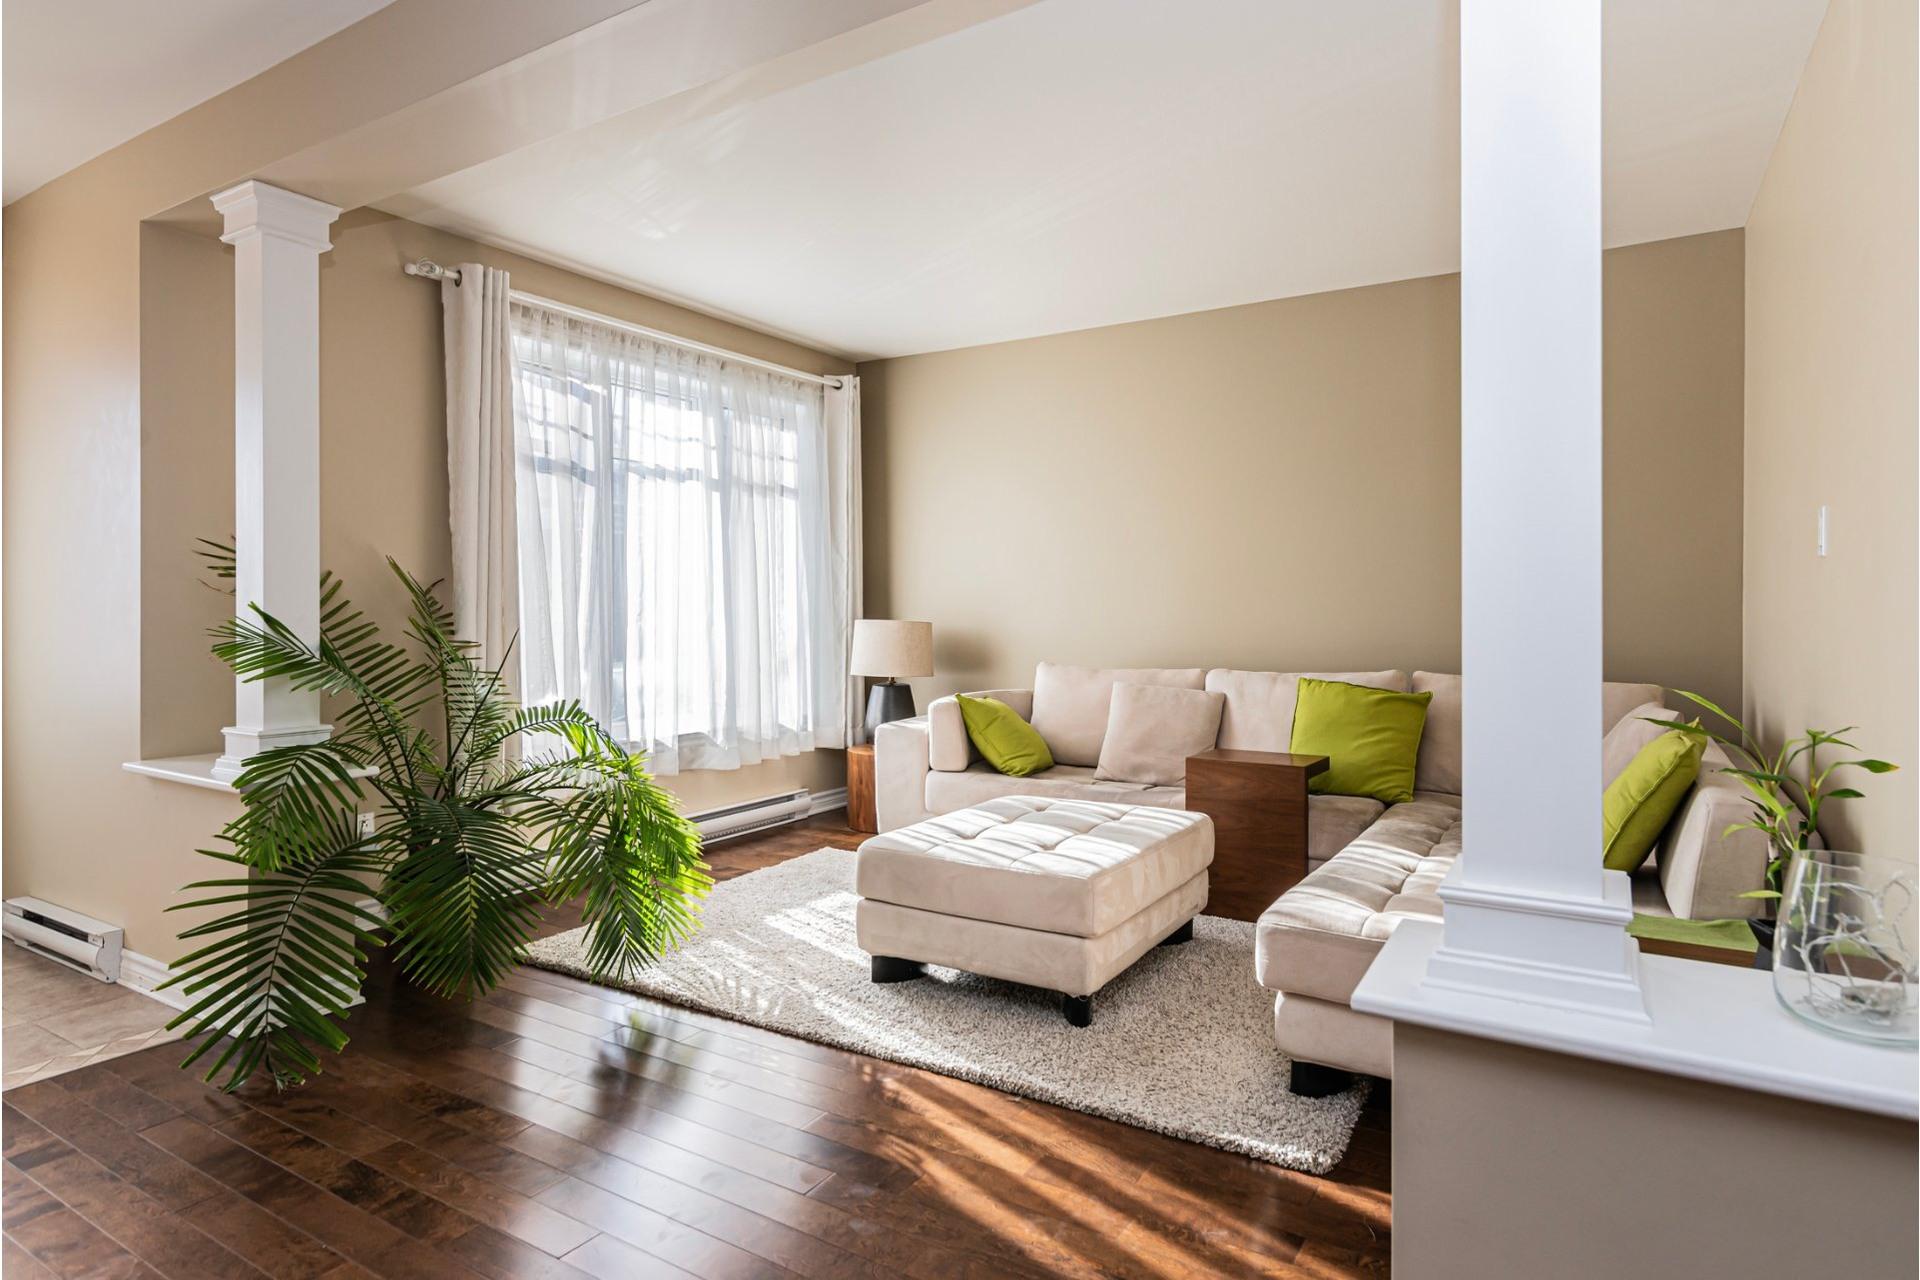 image 6 - Appartement À vendre Lachine Montréal  - 11 pièces